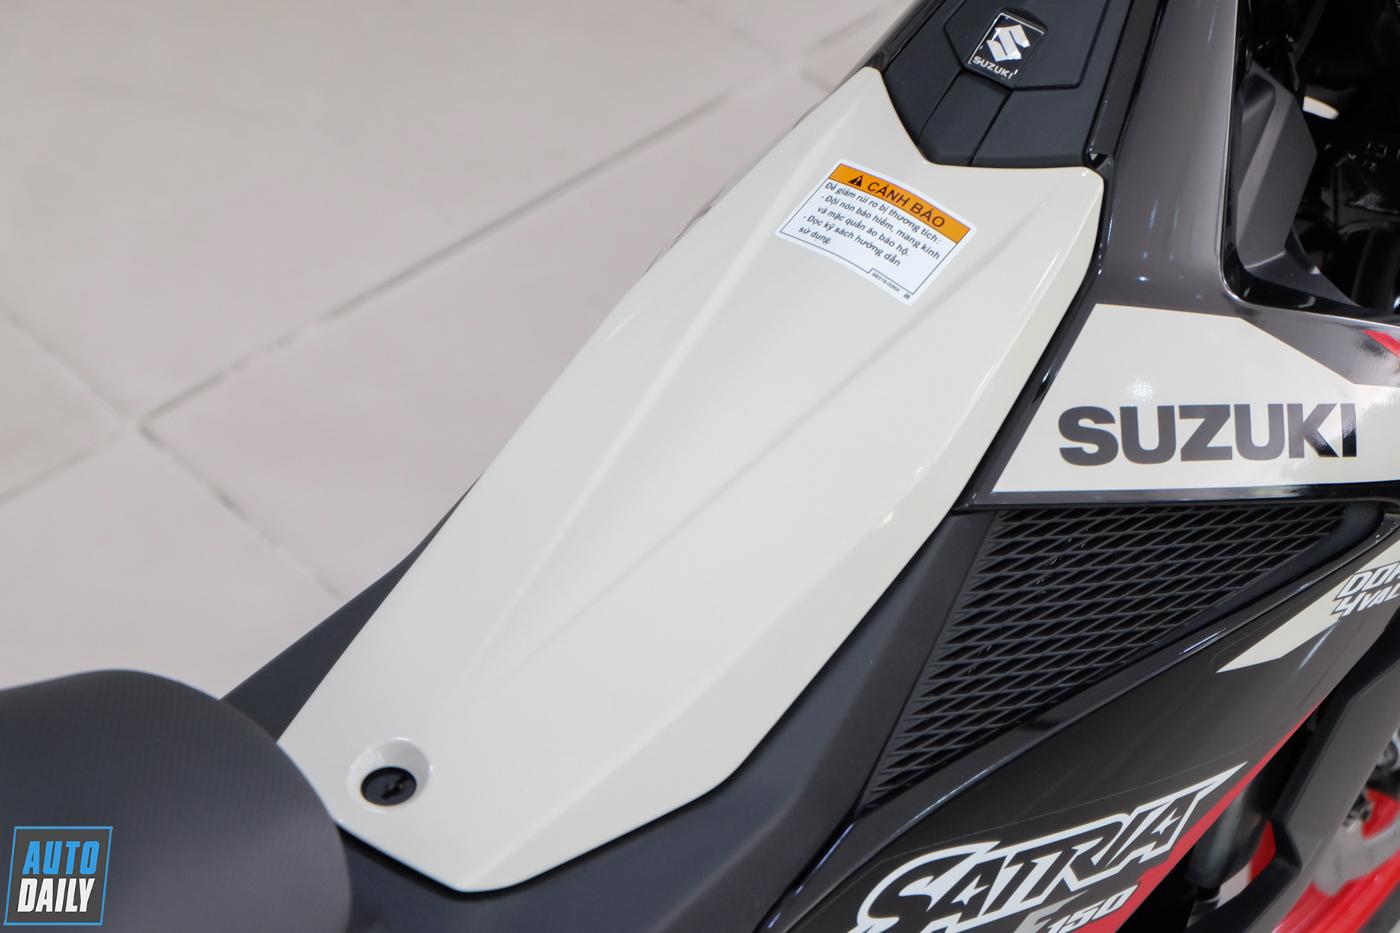 Cận cảnh Suzuki Satria F150 2021 giá gần 52 triệu đồng Suzuki-Satria-F150-2021 (10).JPG